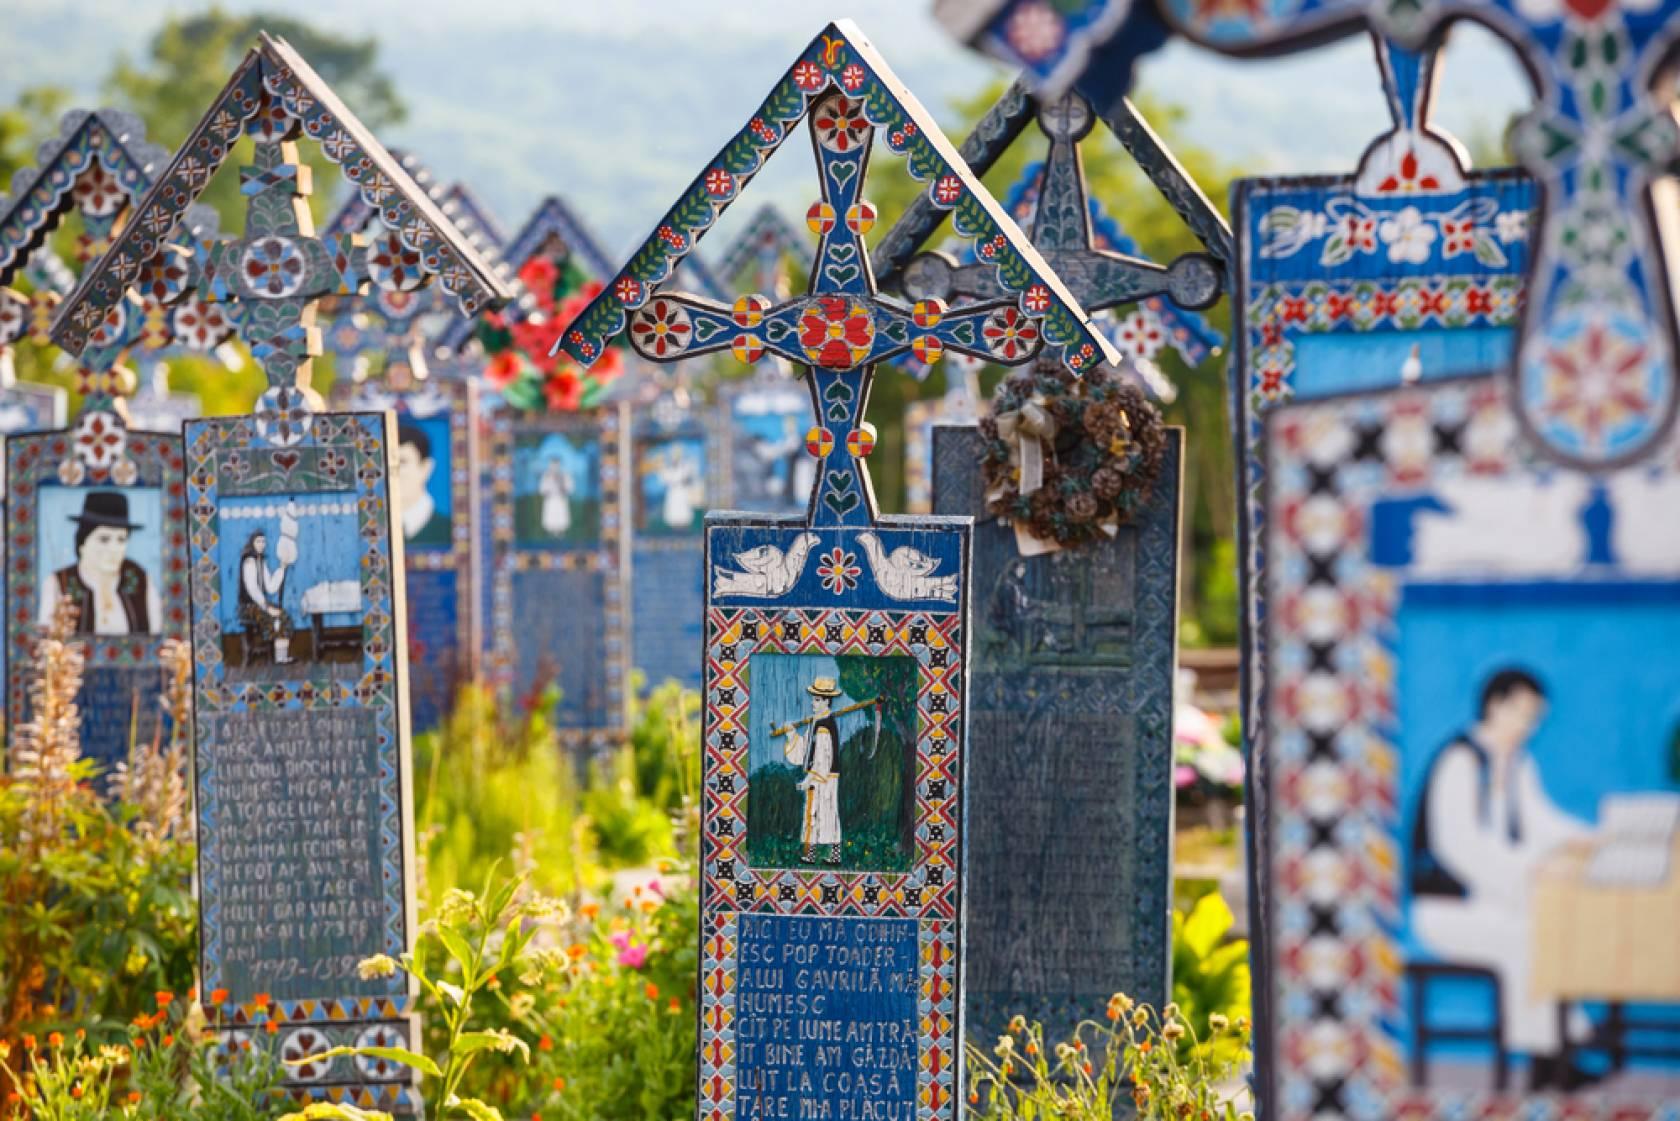 ヨーロッパ旅行・周遊ツアーならユーロ・エクスプレス        ヨーロッパを深く旅するルーマニア、サプンツァのお墓はとっても陽気?